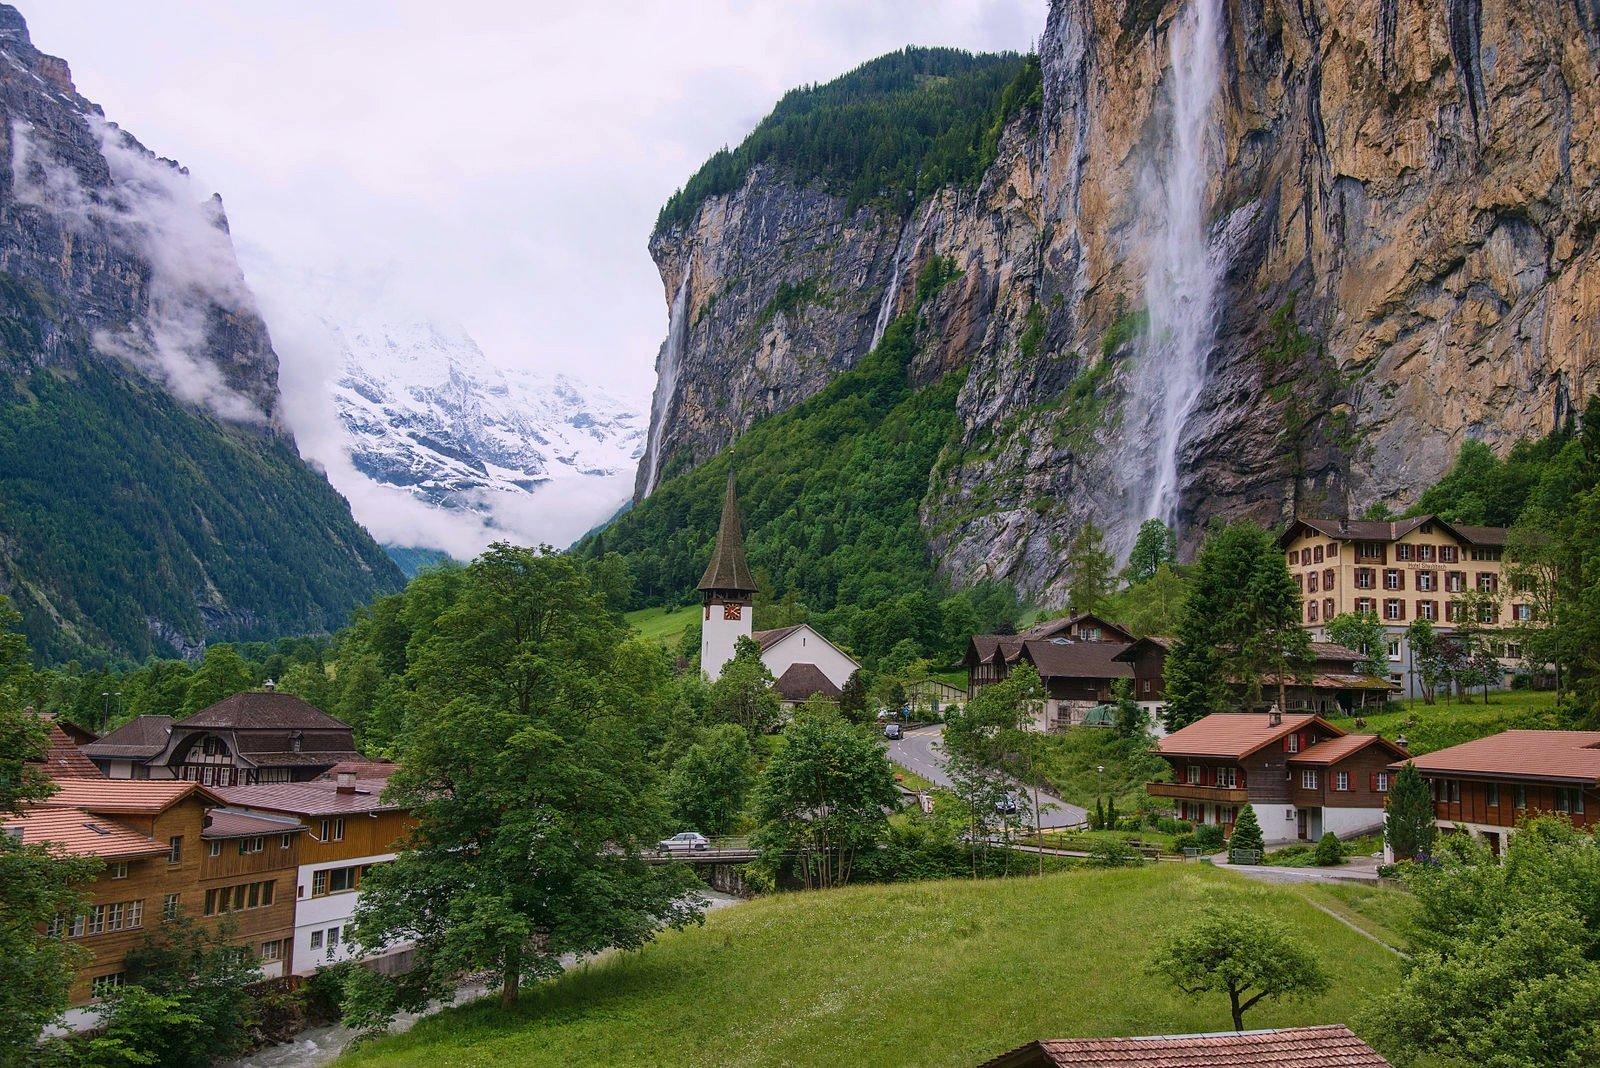 Lauterbrunnen hidden destinations in europe